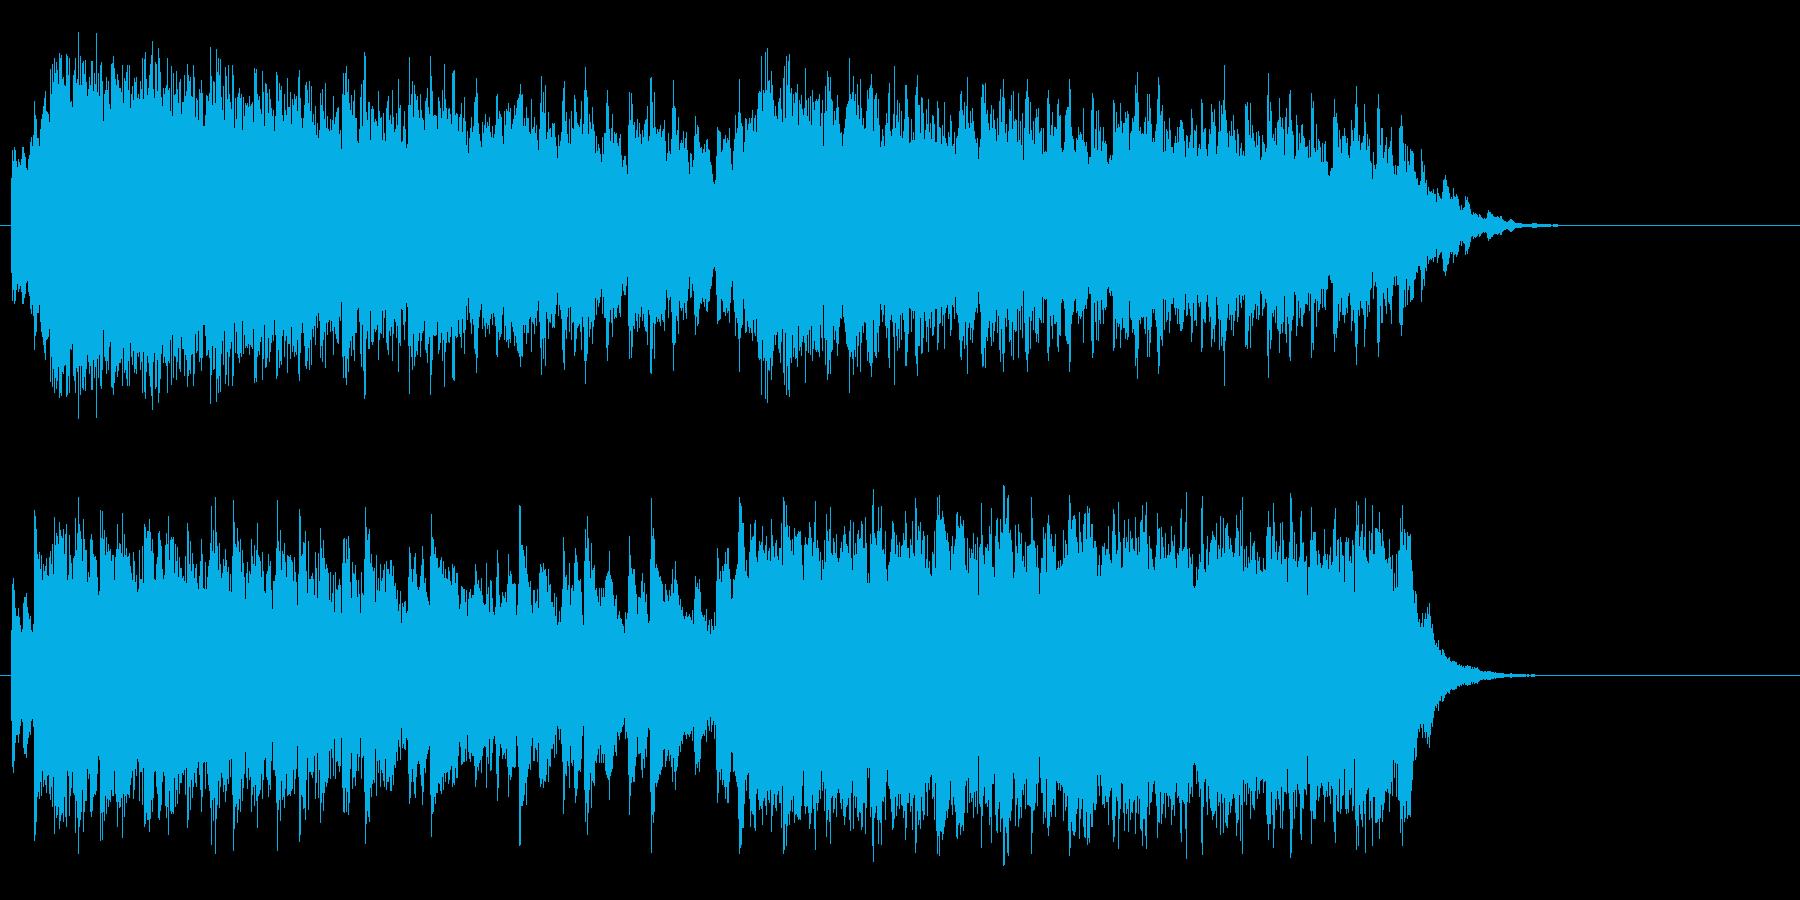 謎 不気味 場面転換 ゲーム 登場の再生済みの波形